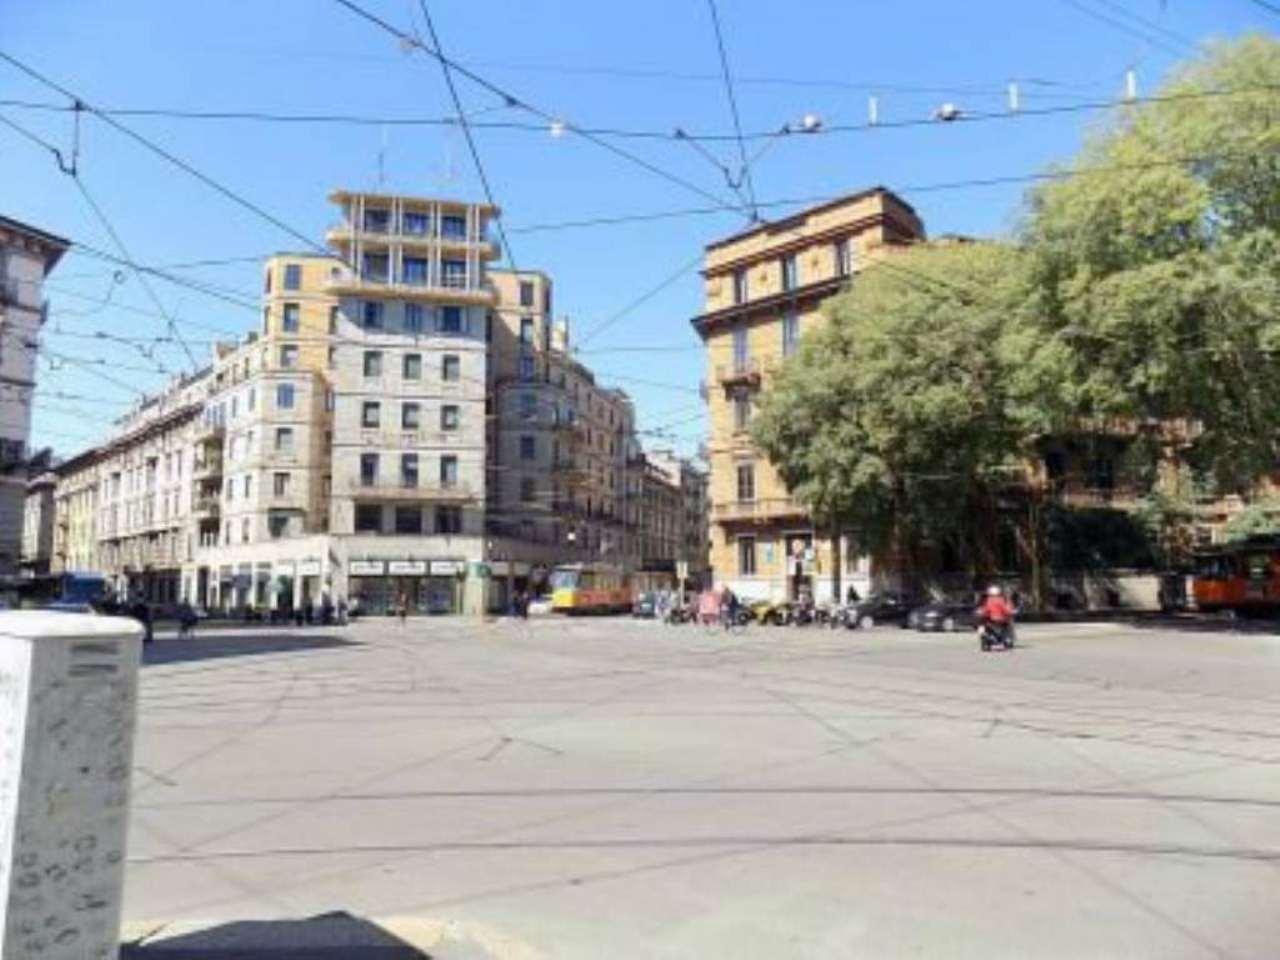 Appartamento in affitto a Milano, 4 locali, zona Zona: 1 . Centro Storico, Duomo, Brera, Cadorna, Cattolica, prezzo € 2.100 | Cambio Casa.it